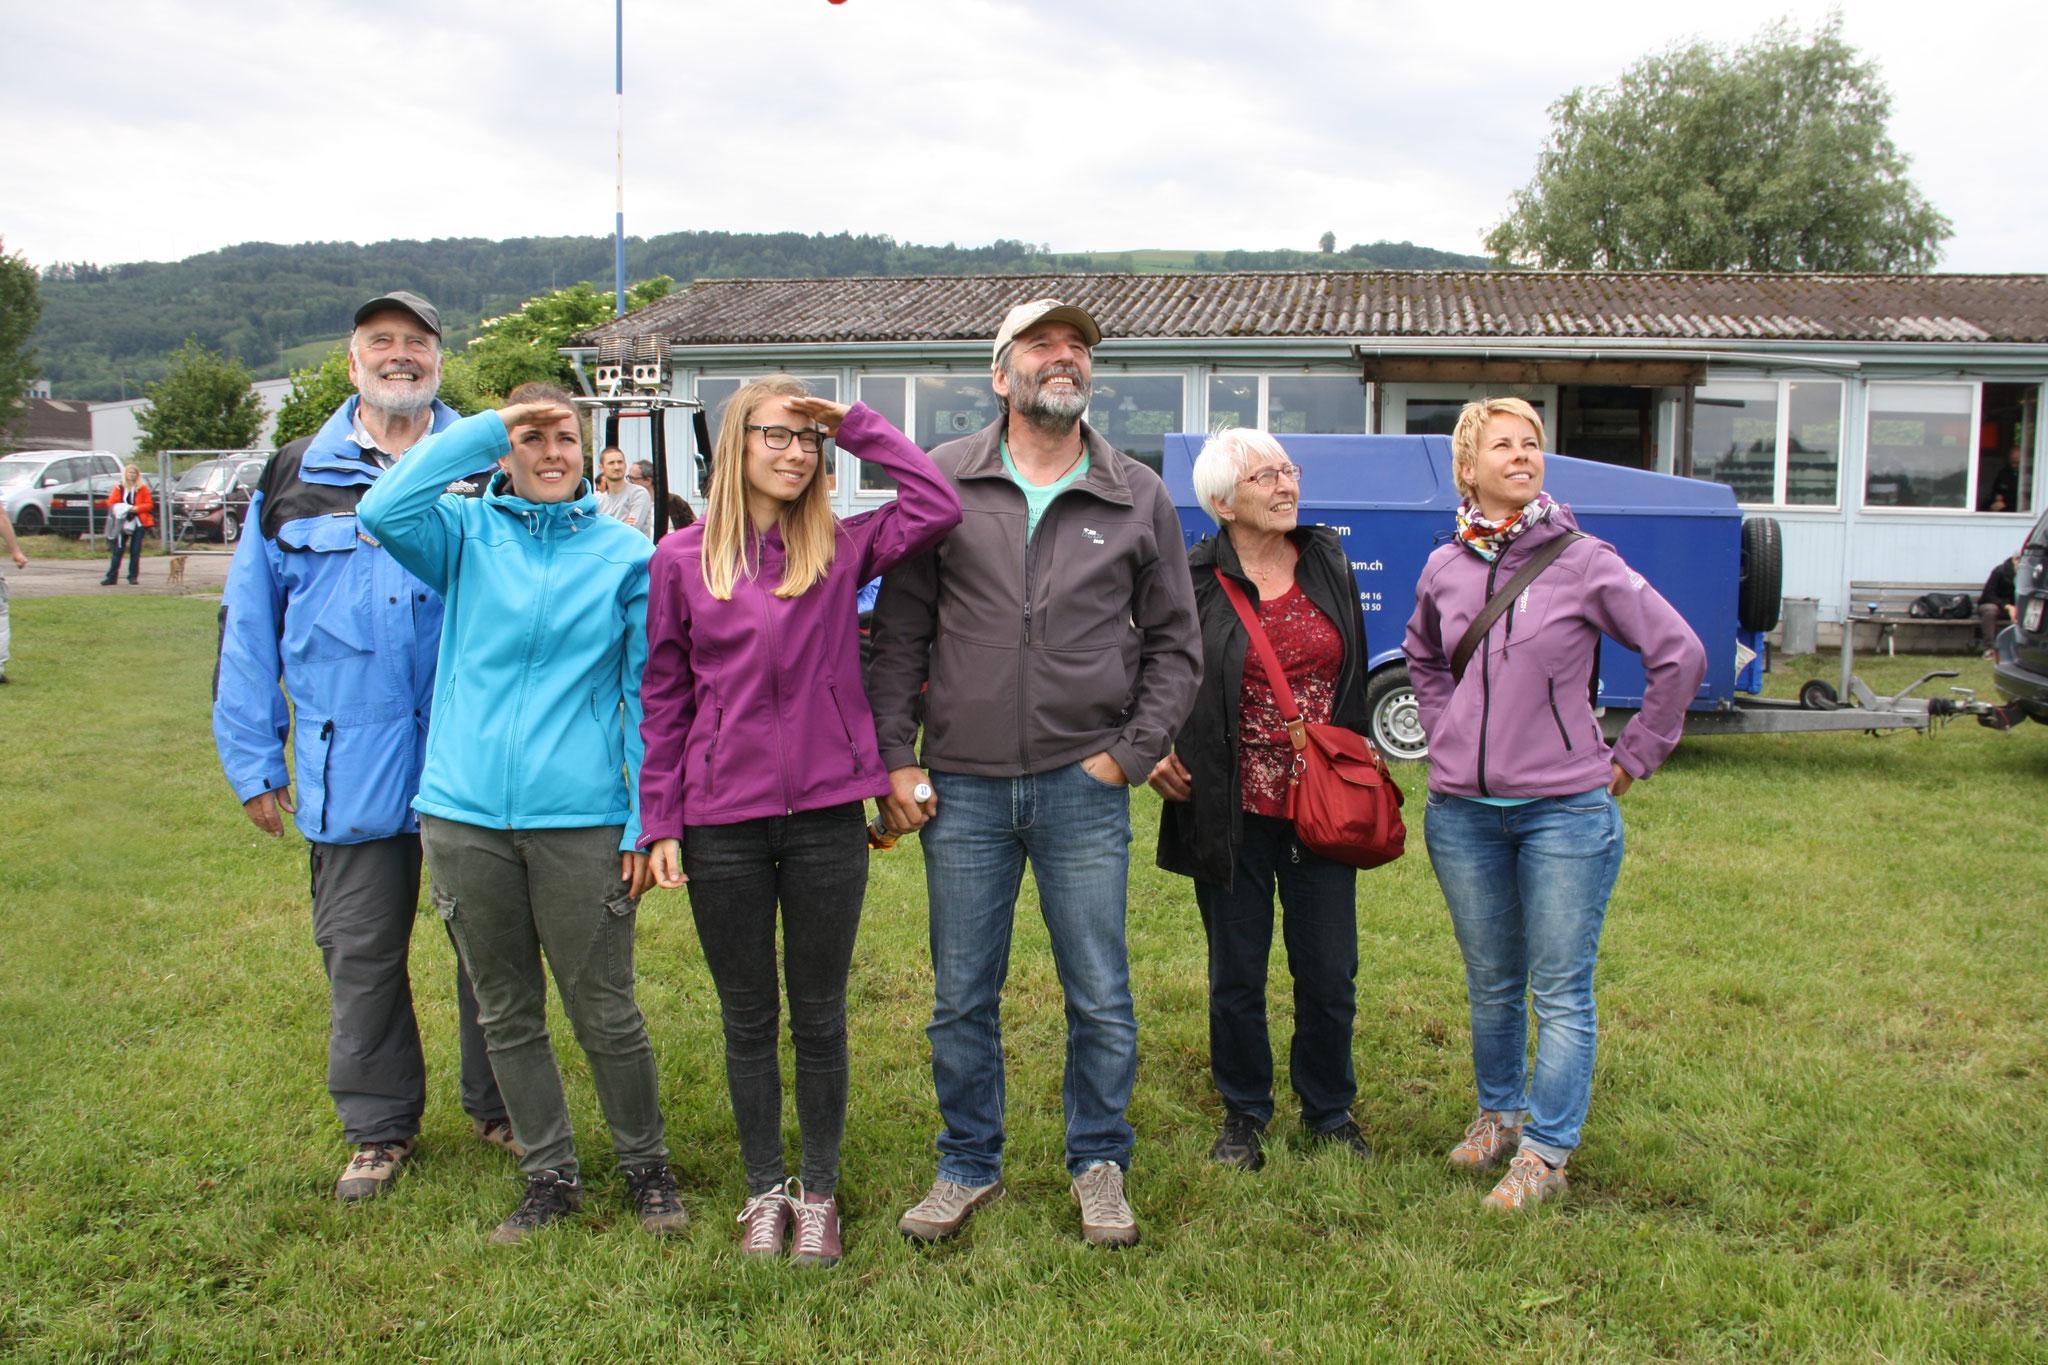 3 Generationen im Flugfieber: Die Familie Rubin aus Thun. Die beiden Töchter Simone und Lisa waren ebenfalls Teilnehmerinnen im Helicoptercockpit